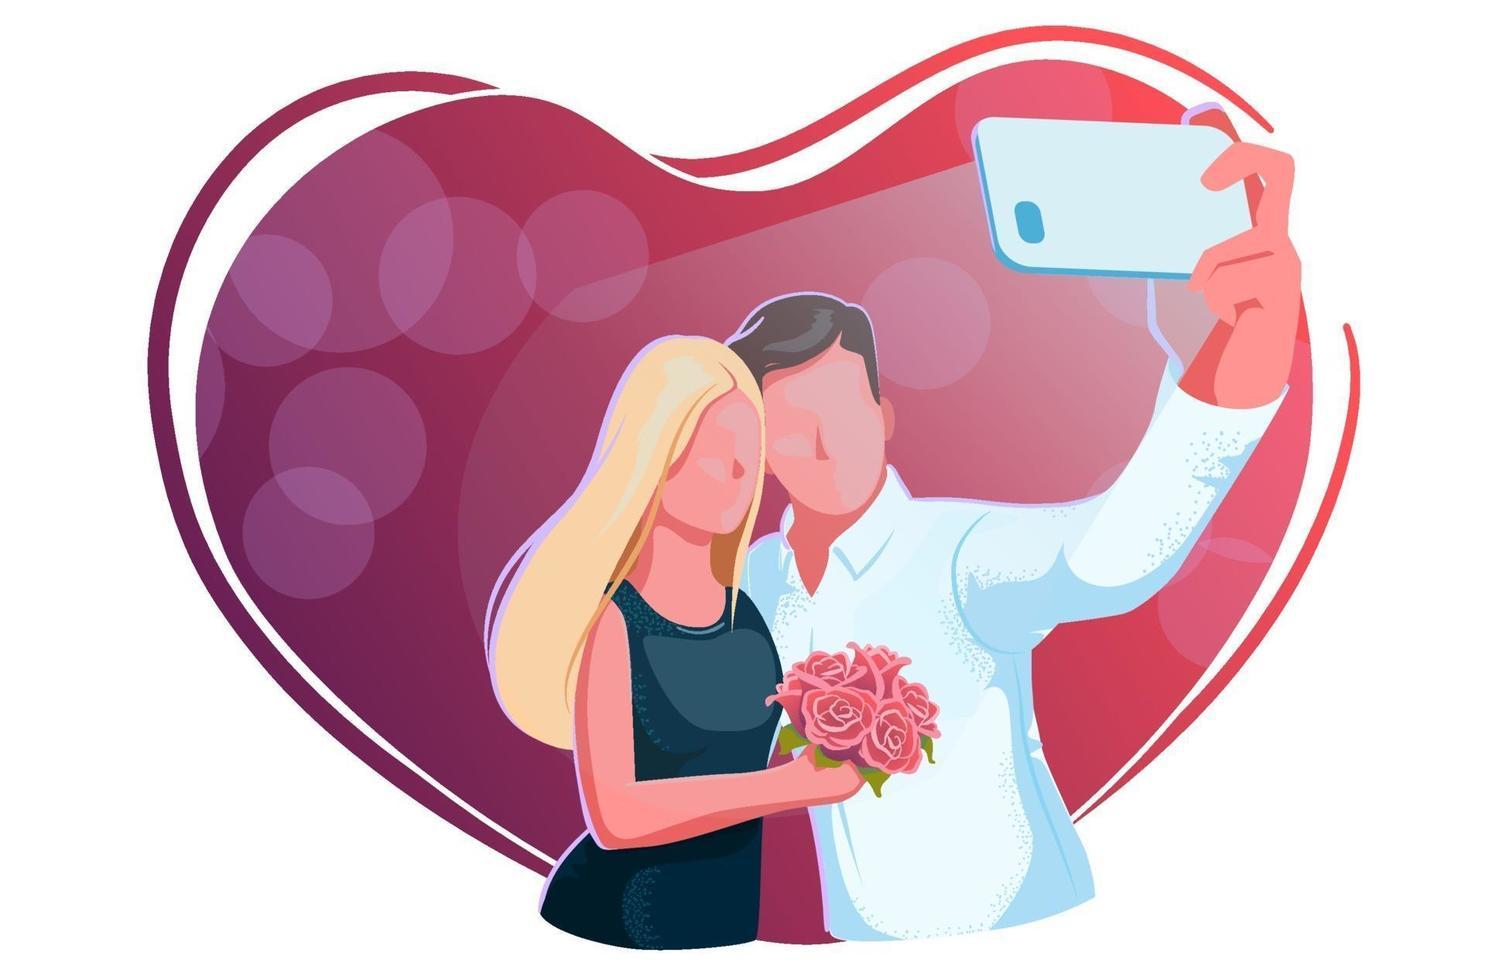 vackra unga par tar selfie på datum. Alla hjärtans dag, kille och flicka med rosor gör relfie på en röd bakgrund. kärlek, förlovning, bröllopskoncept. älskar hjärtat ram. romantisk firande design. vektor